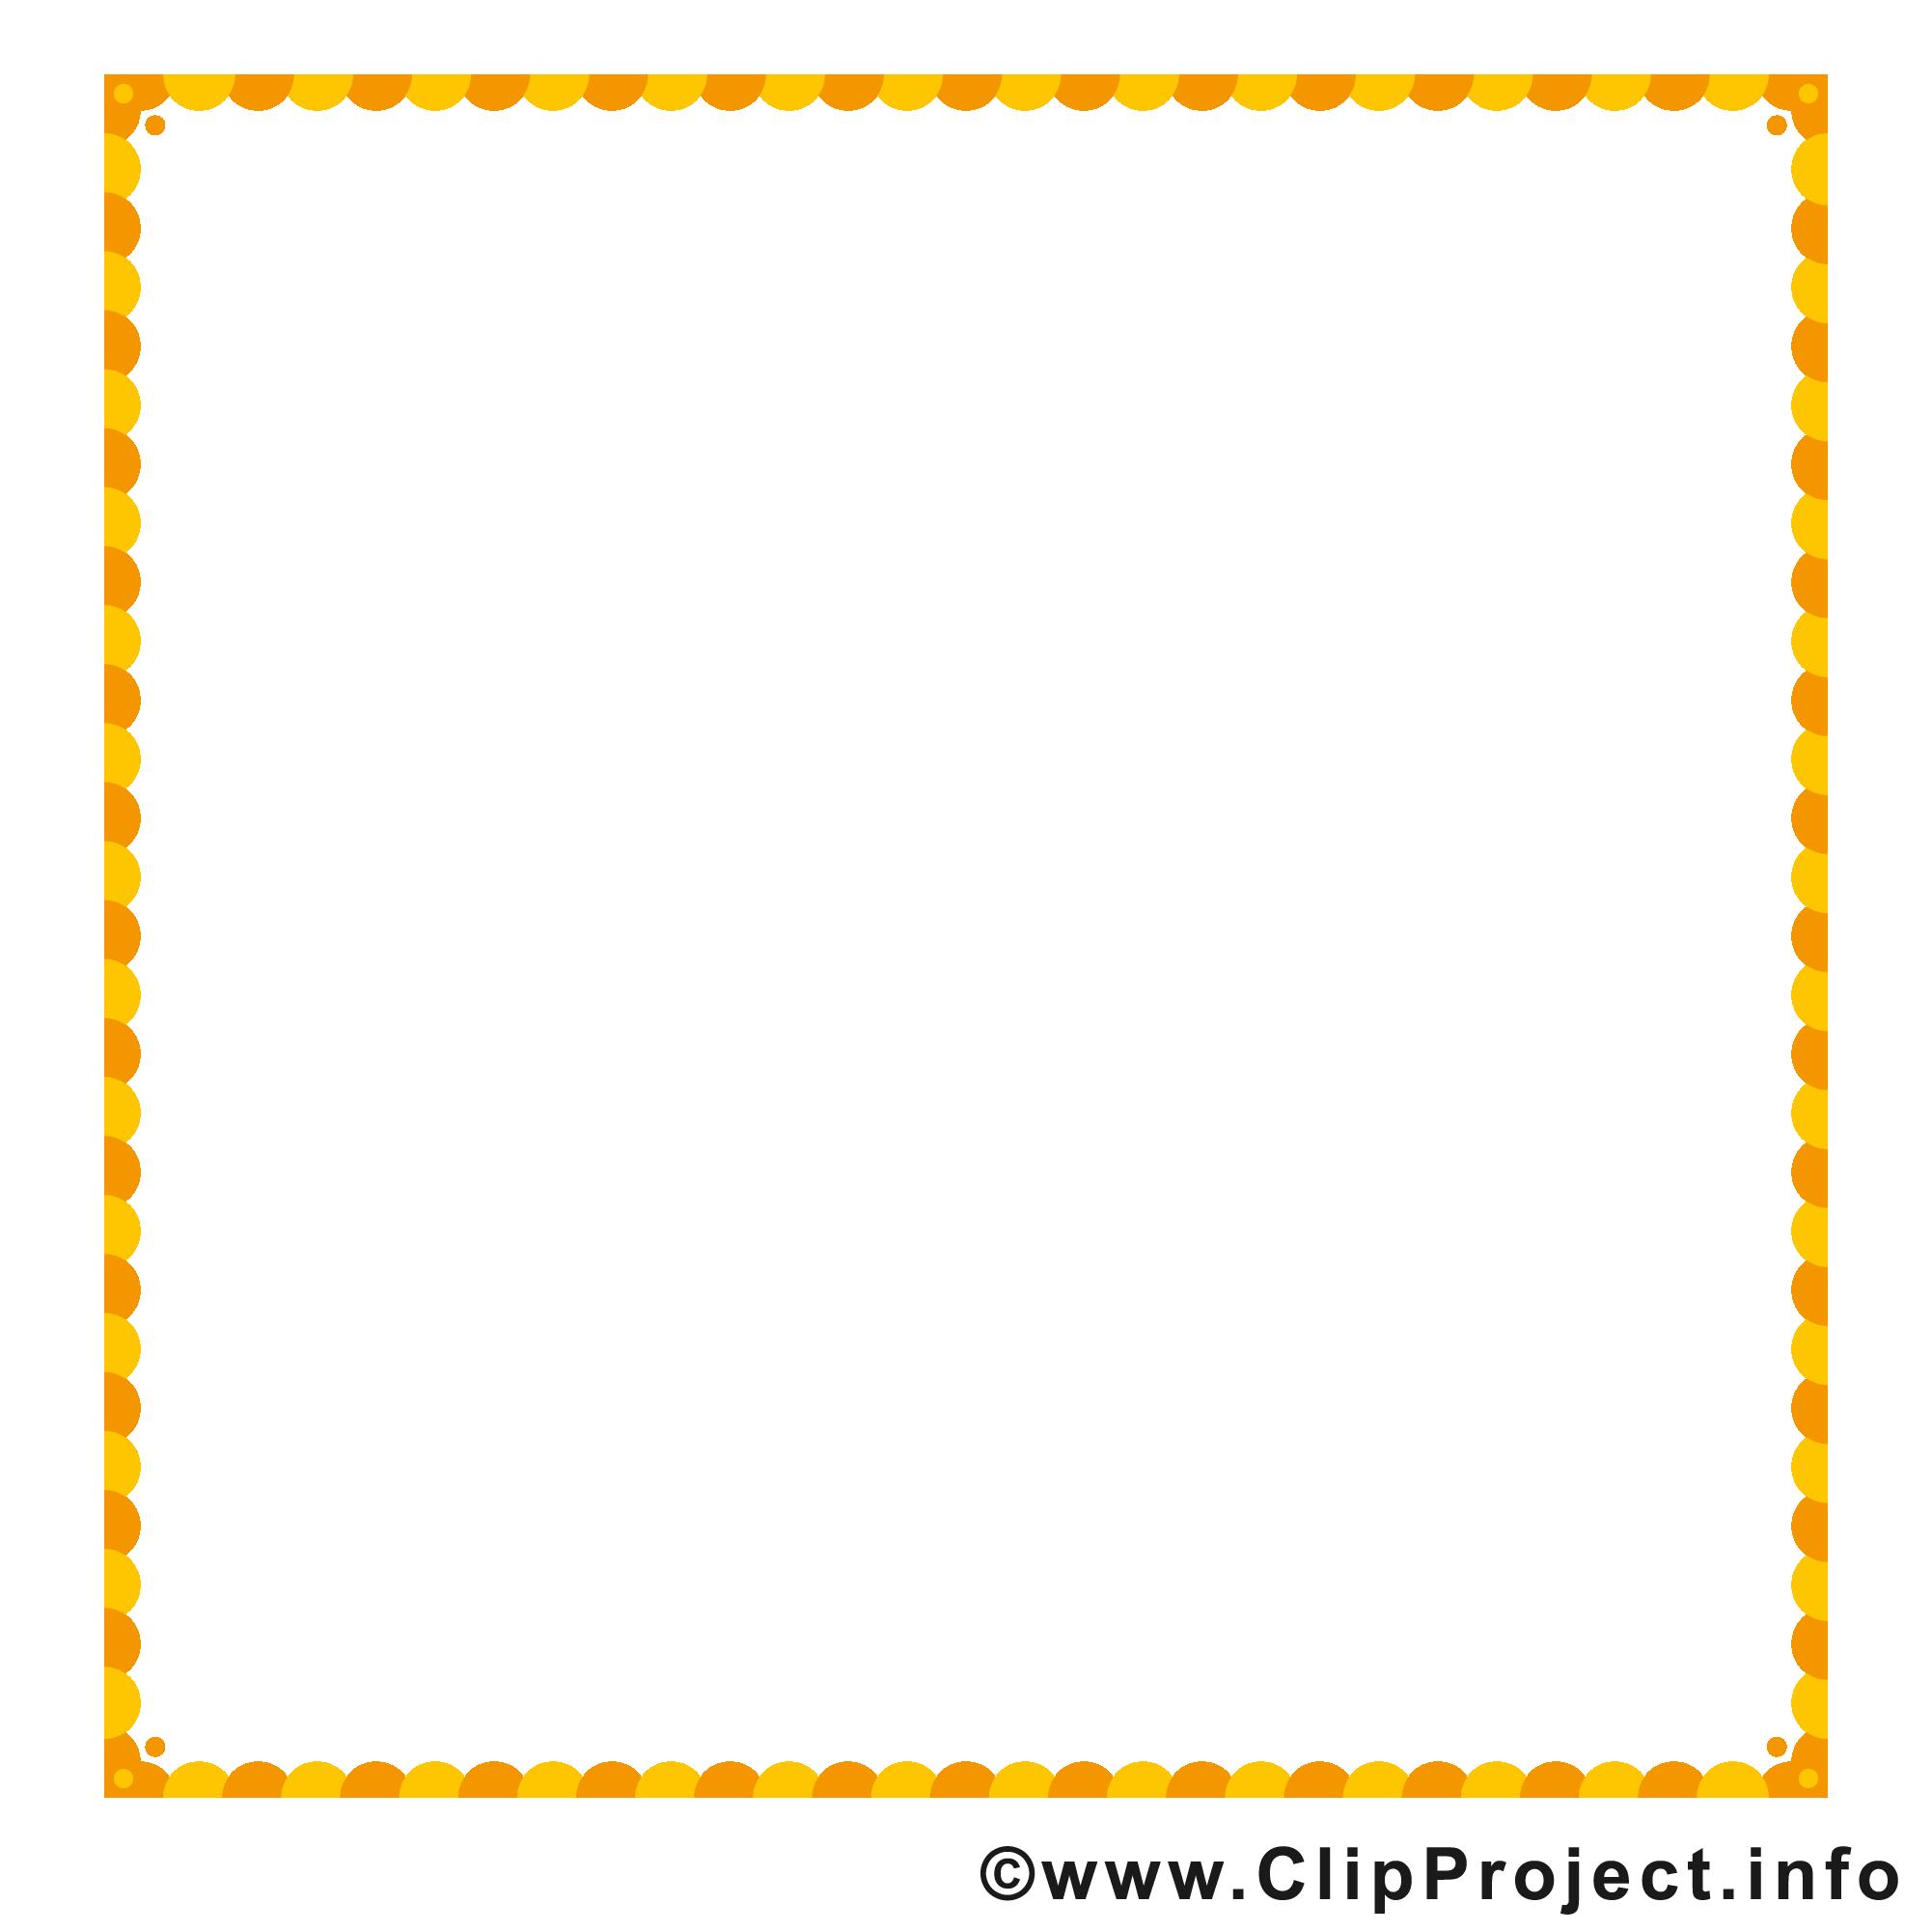 Orange carré dessins gratuits – Cadre clipart